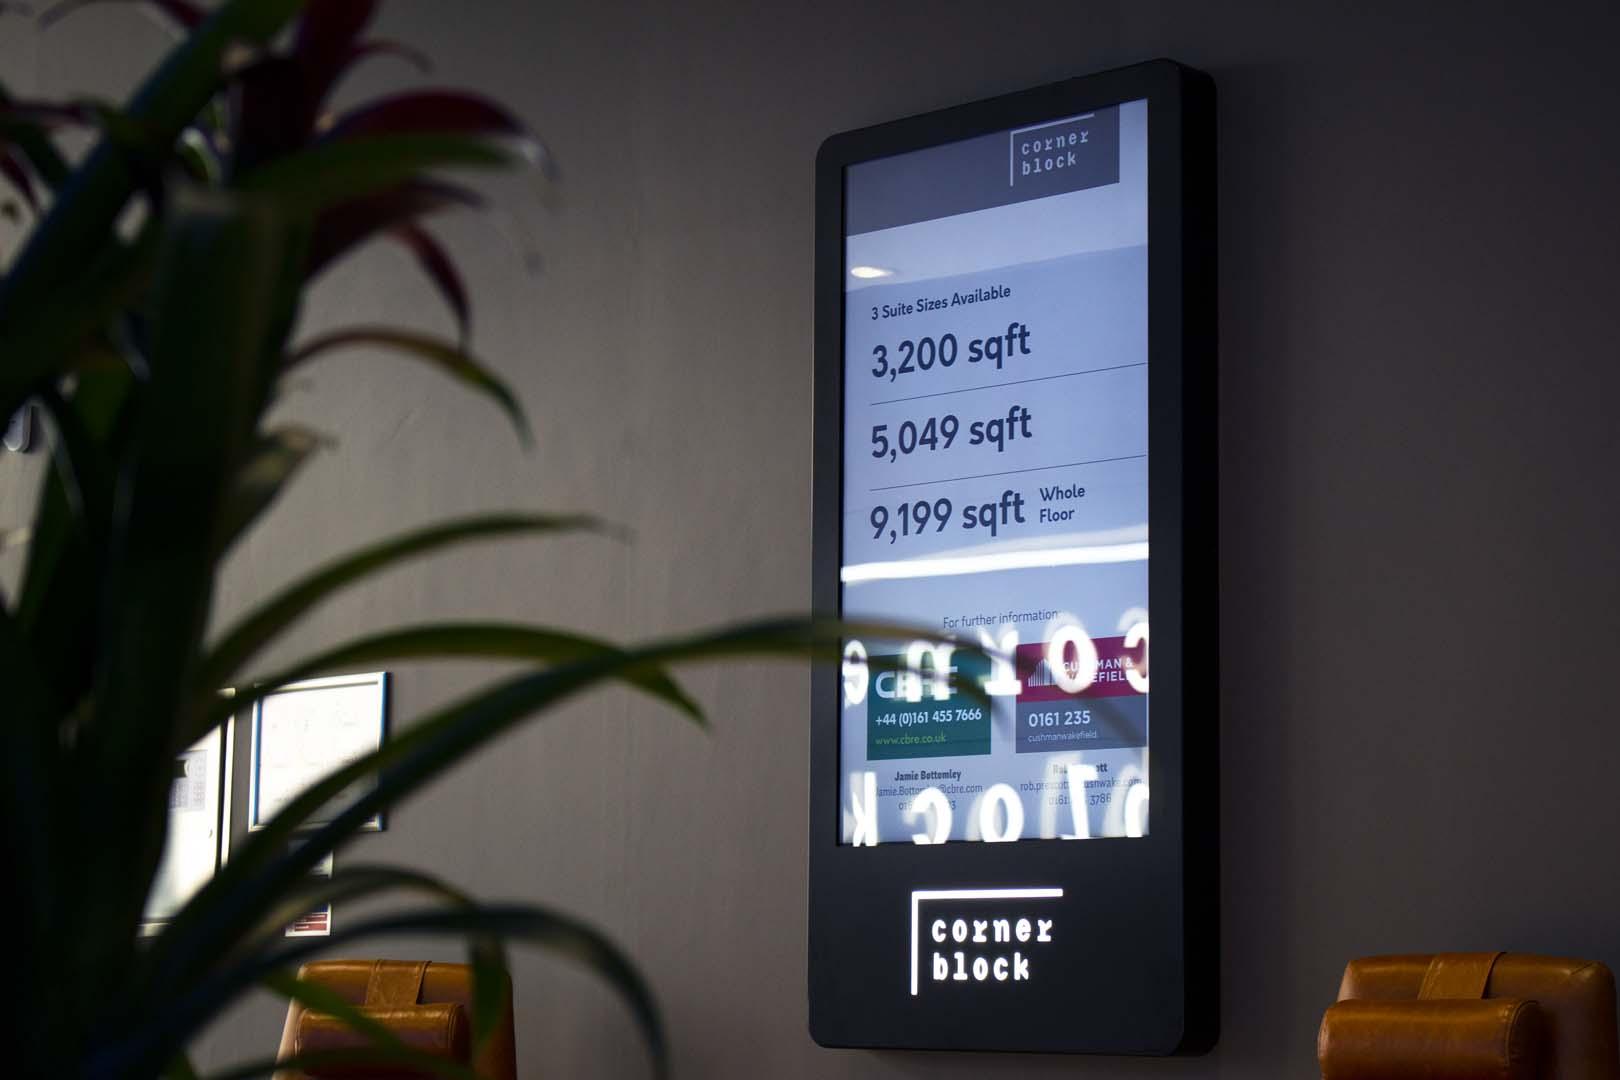 Corner Block Digital Display created by UXG